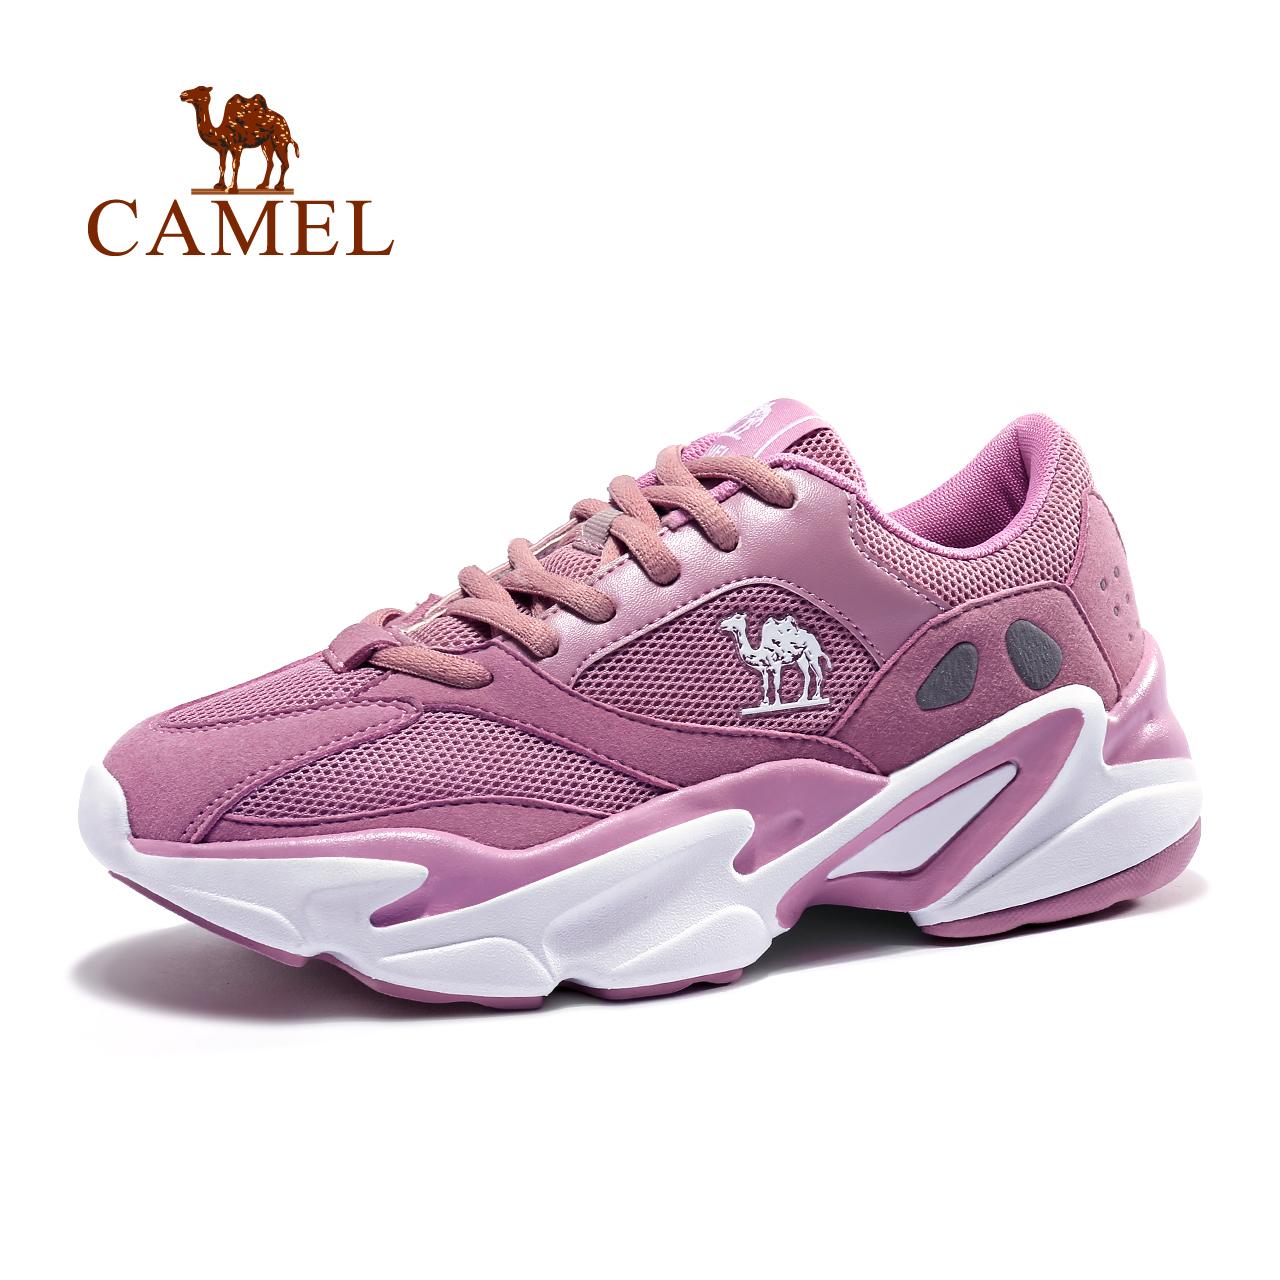 骆驼运动鞋2018新款女鞋运动时尚休闲透气减震防滑耐磨轻便运动鞋